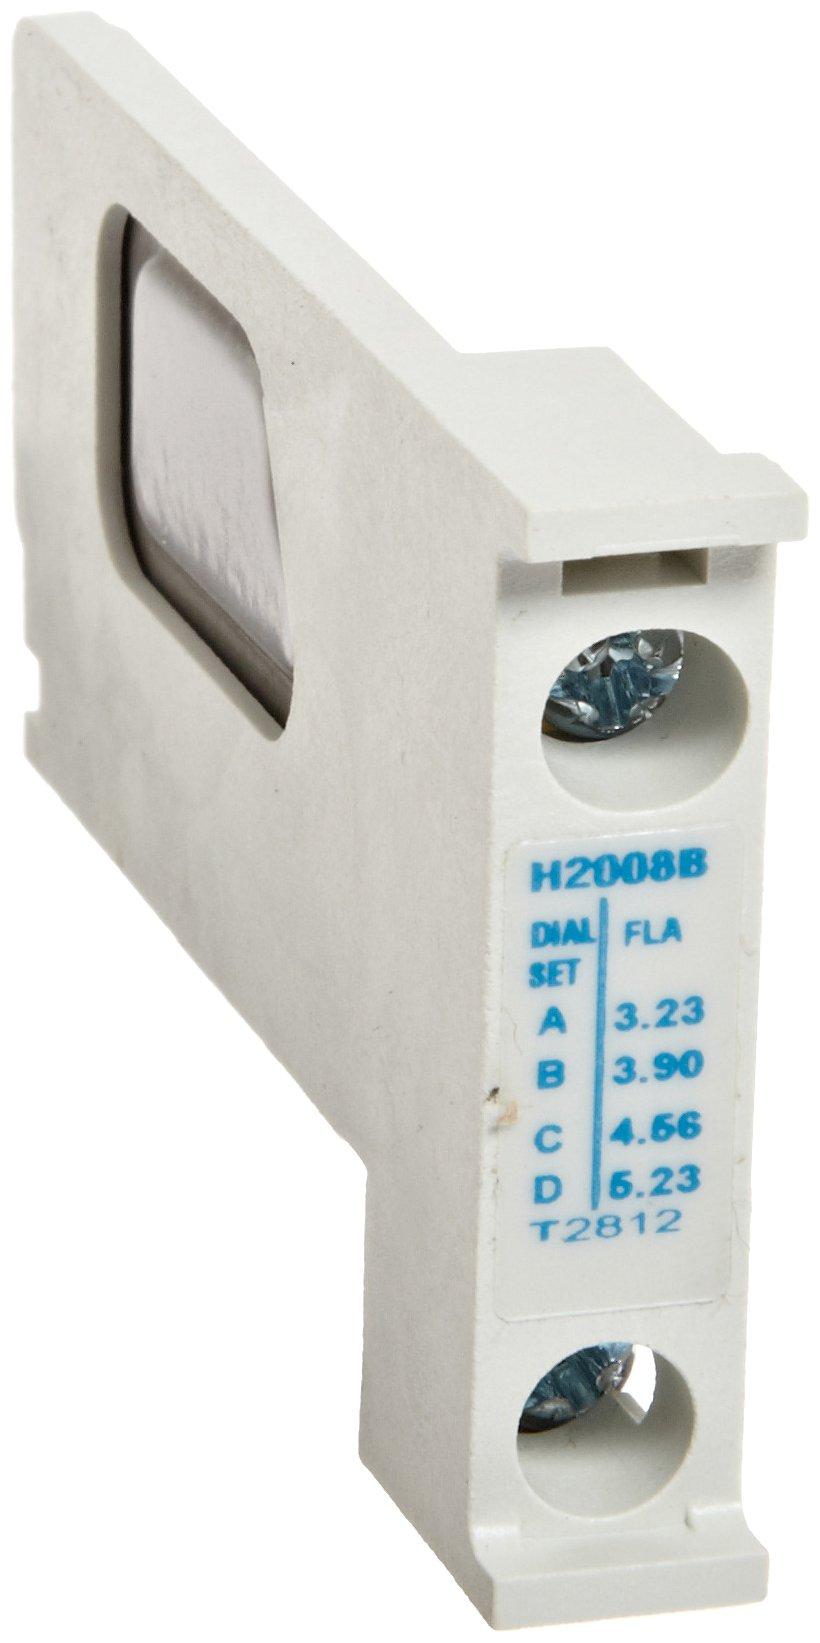 Eaton H2008B-3 Nema Starter Heater Pack, 3.23-5.23 Motor FLA (Pack of 3)